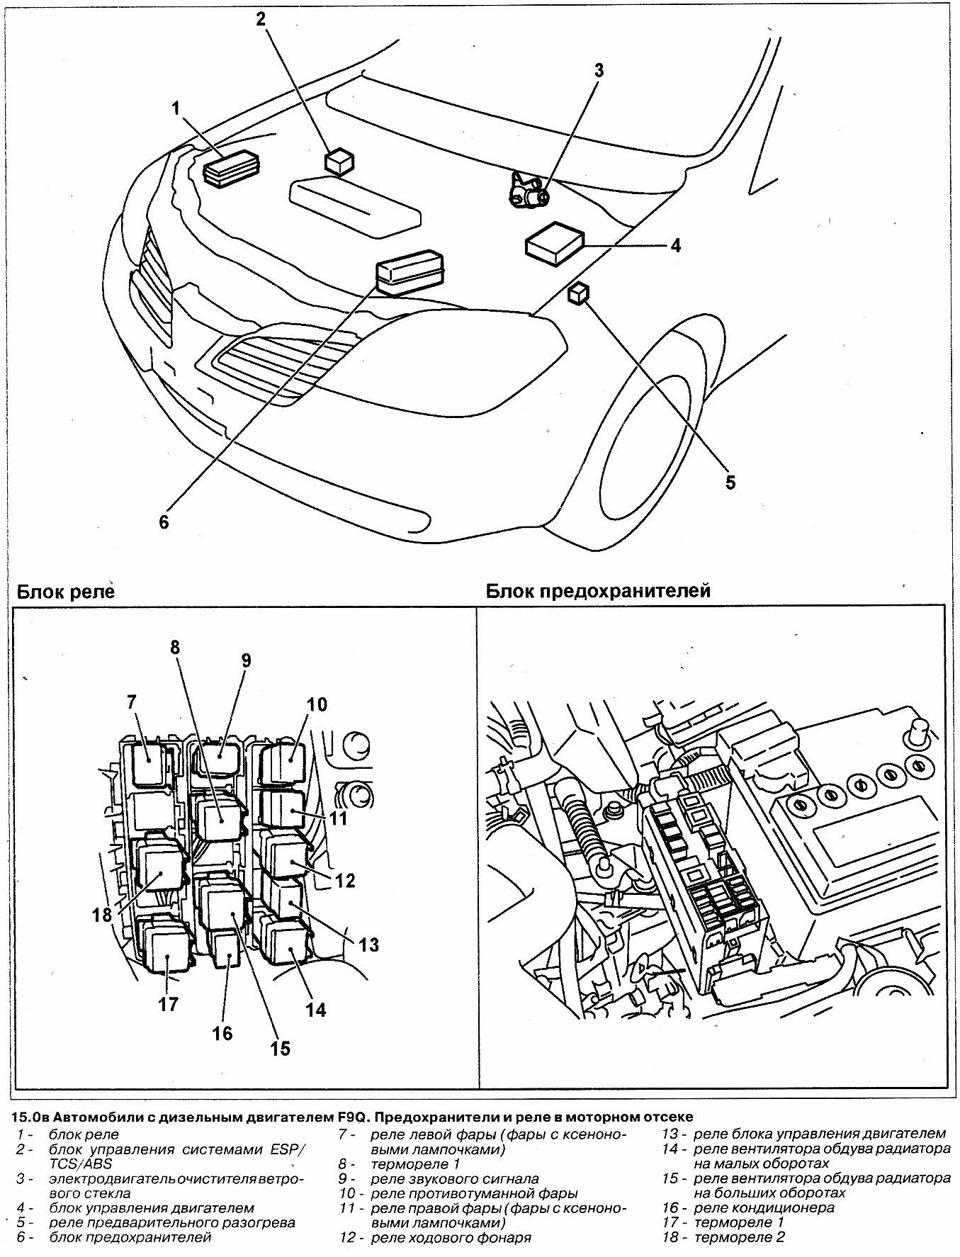 Расположение предохранителей и реле для бензиновых и дизельных двигателей